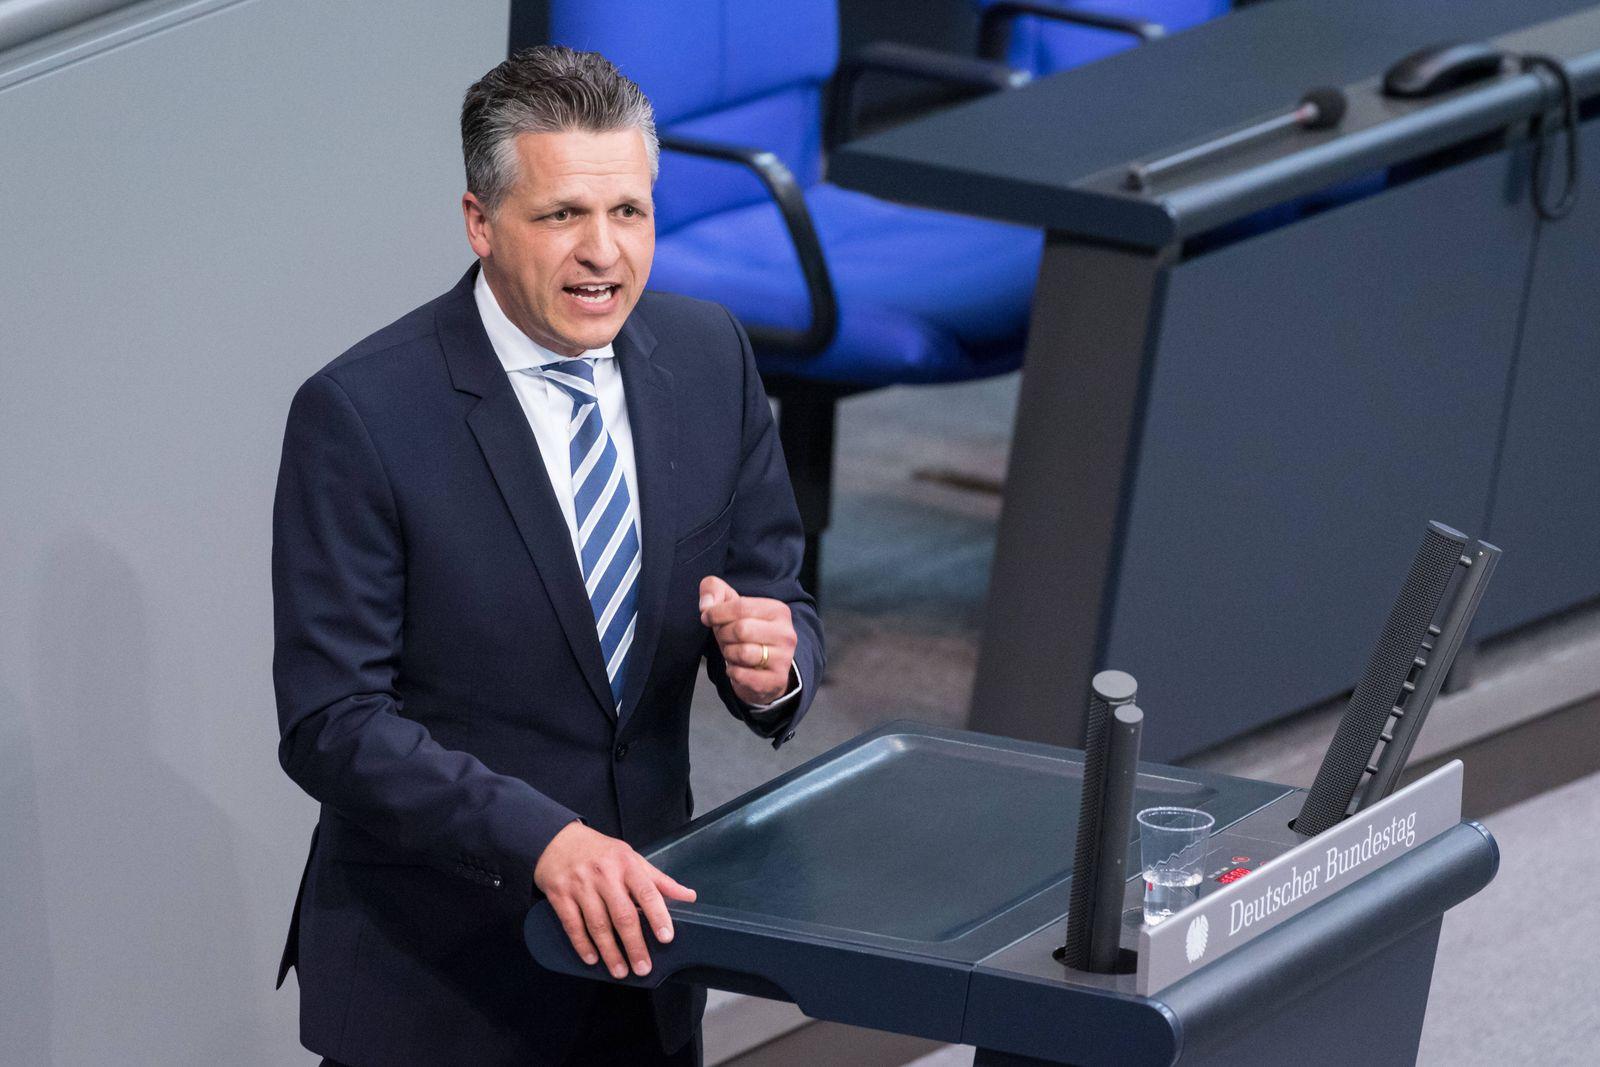 Berlin, Plenarsitzung im Bundestag Deutschland, Berlin - 28.05.2020: Im Bild ist Thorsten Frei (cdu) während der Sitzung